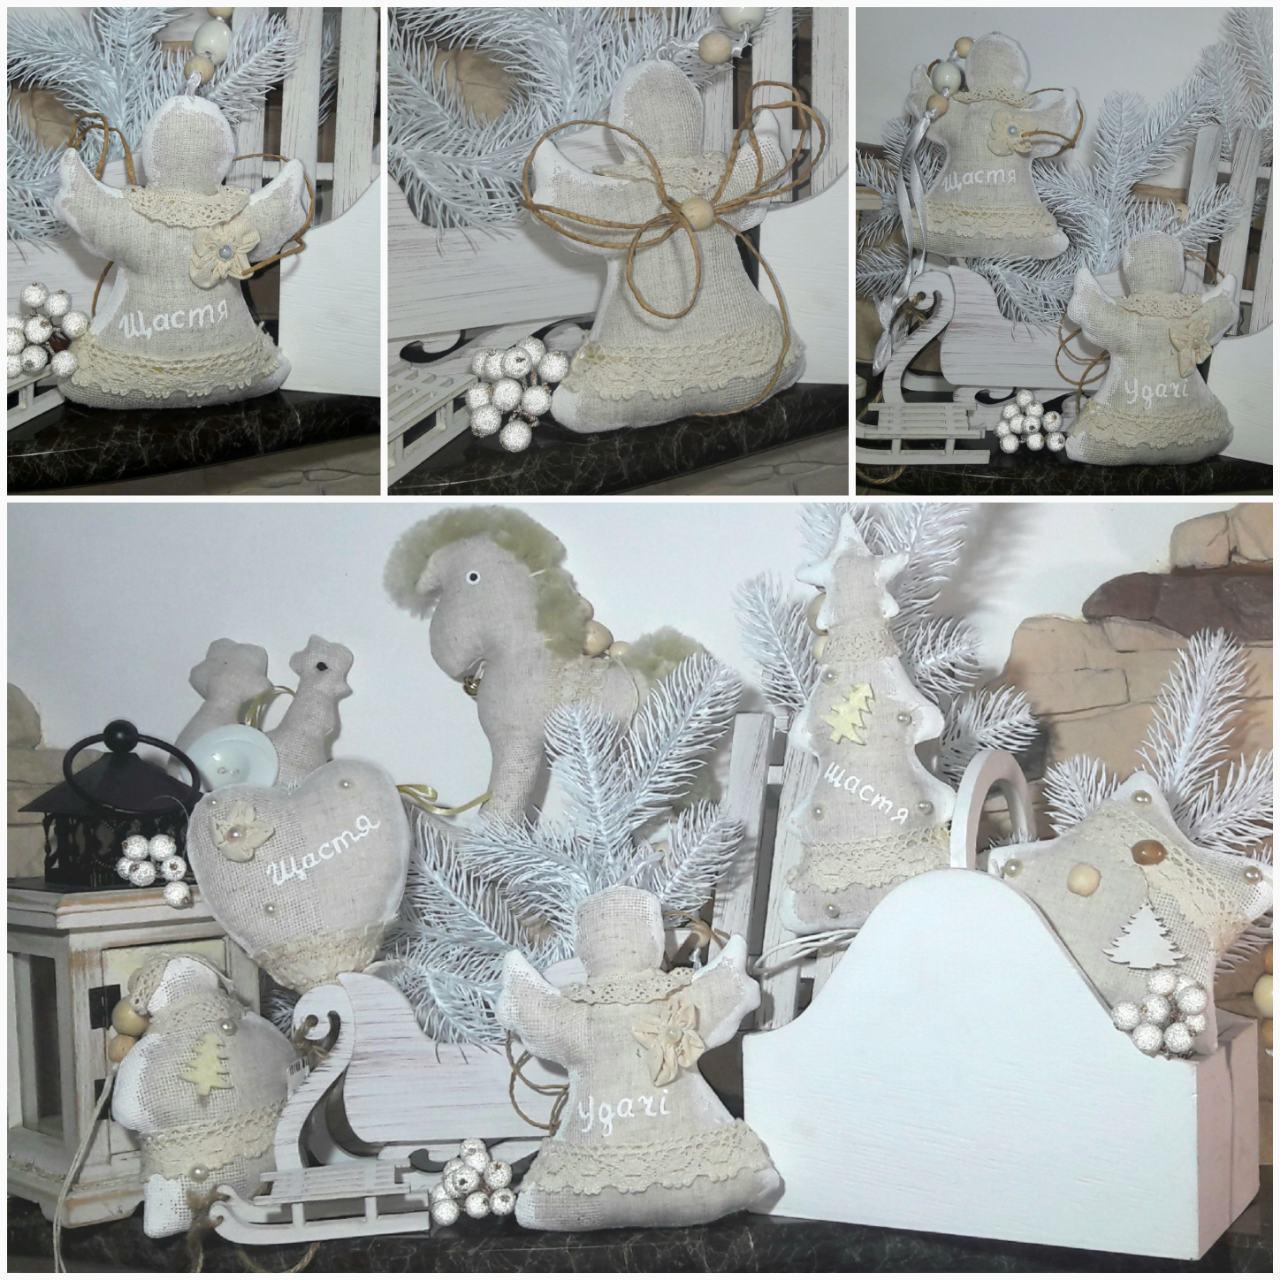 Рождественский ангел с пожеланиями, ручная работа, натуральный лен, выс. 16 см., 95/80 (цена за 1 шт. + 15 гр)